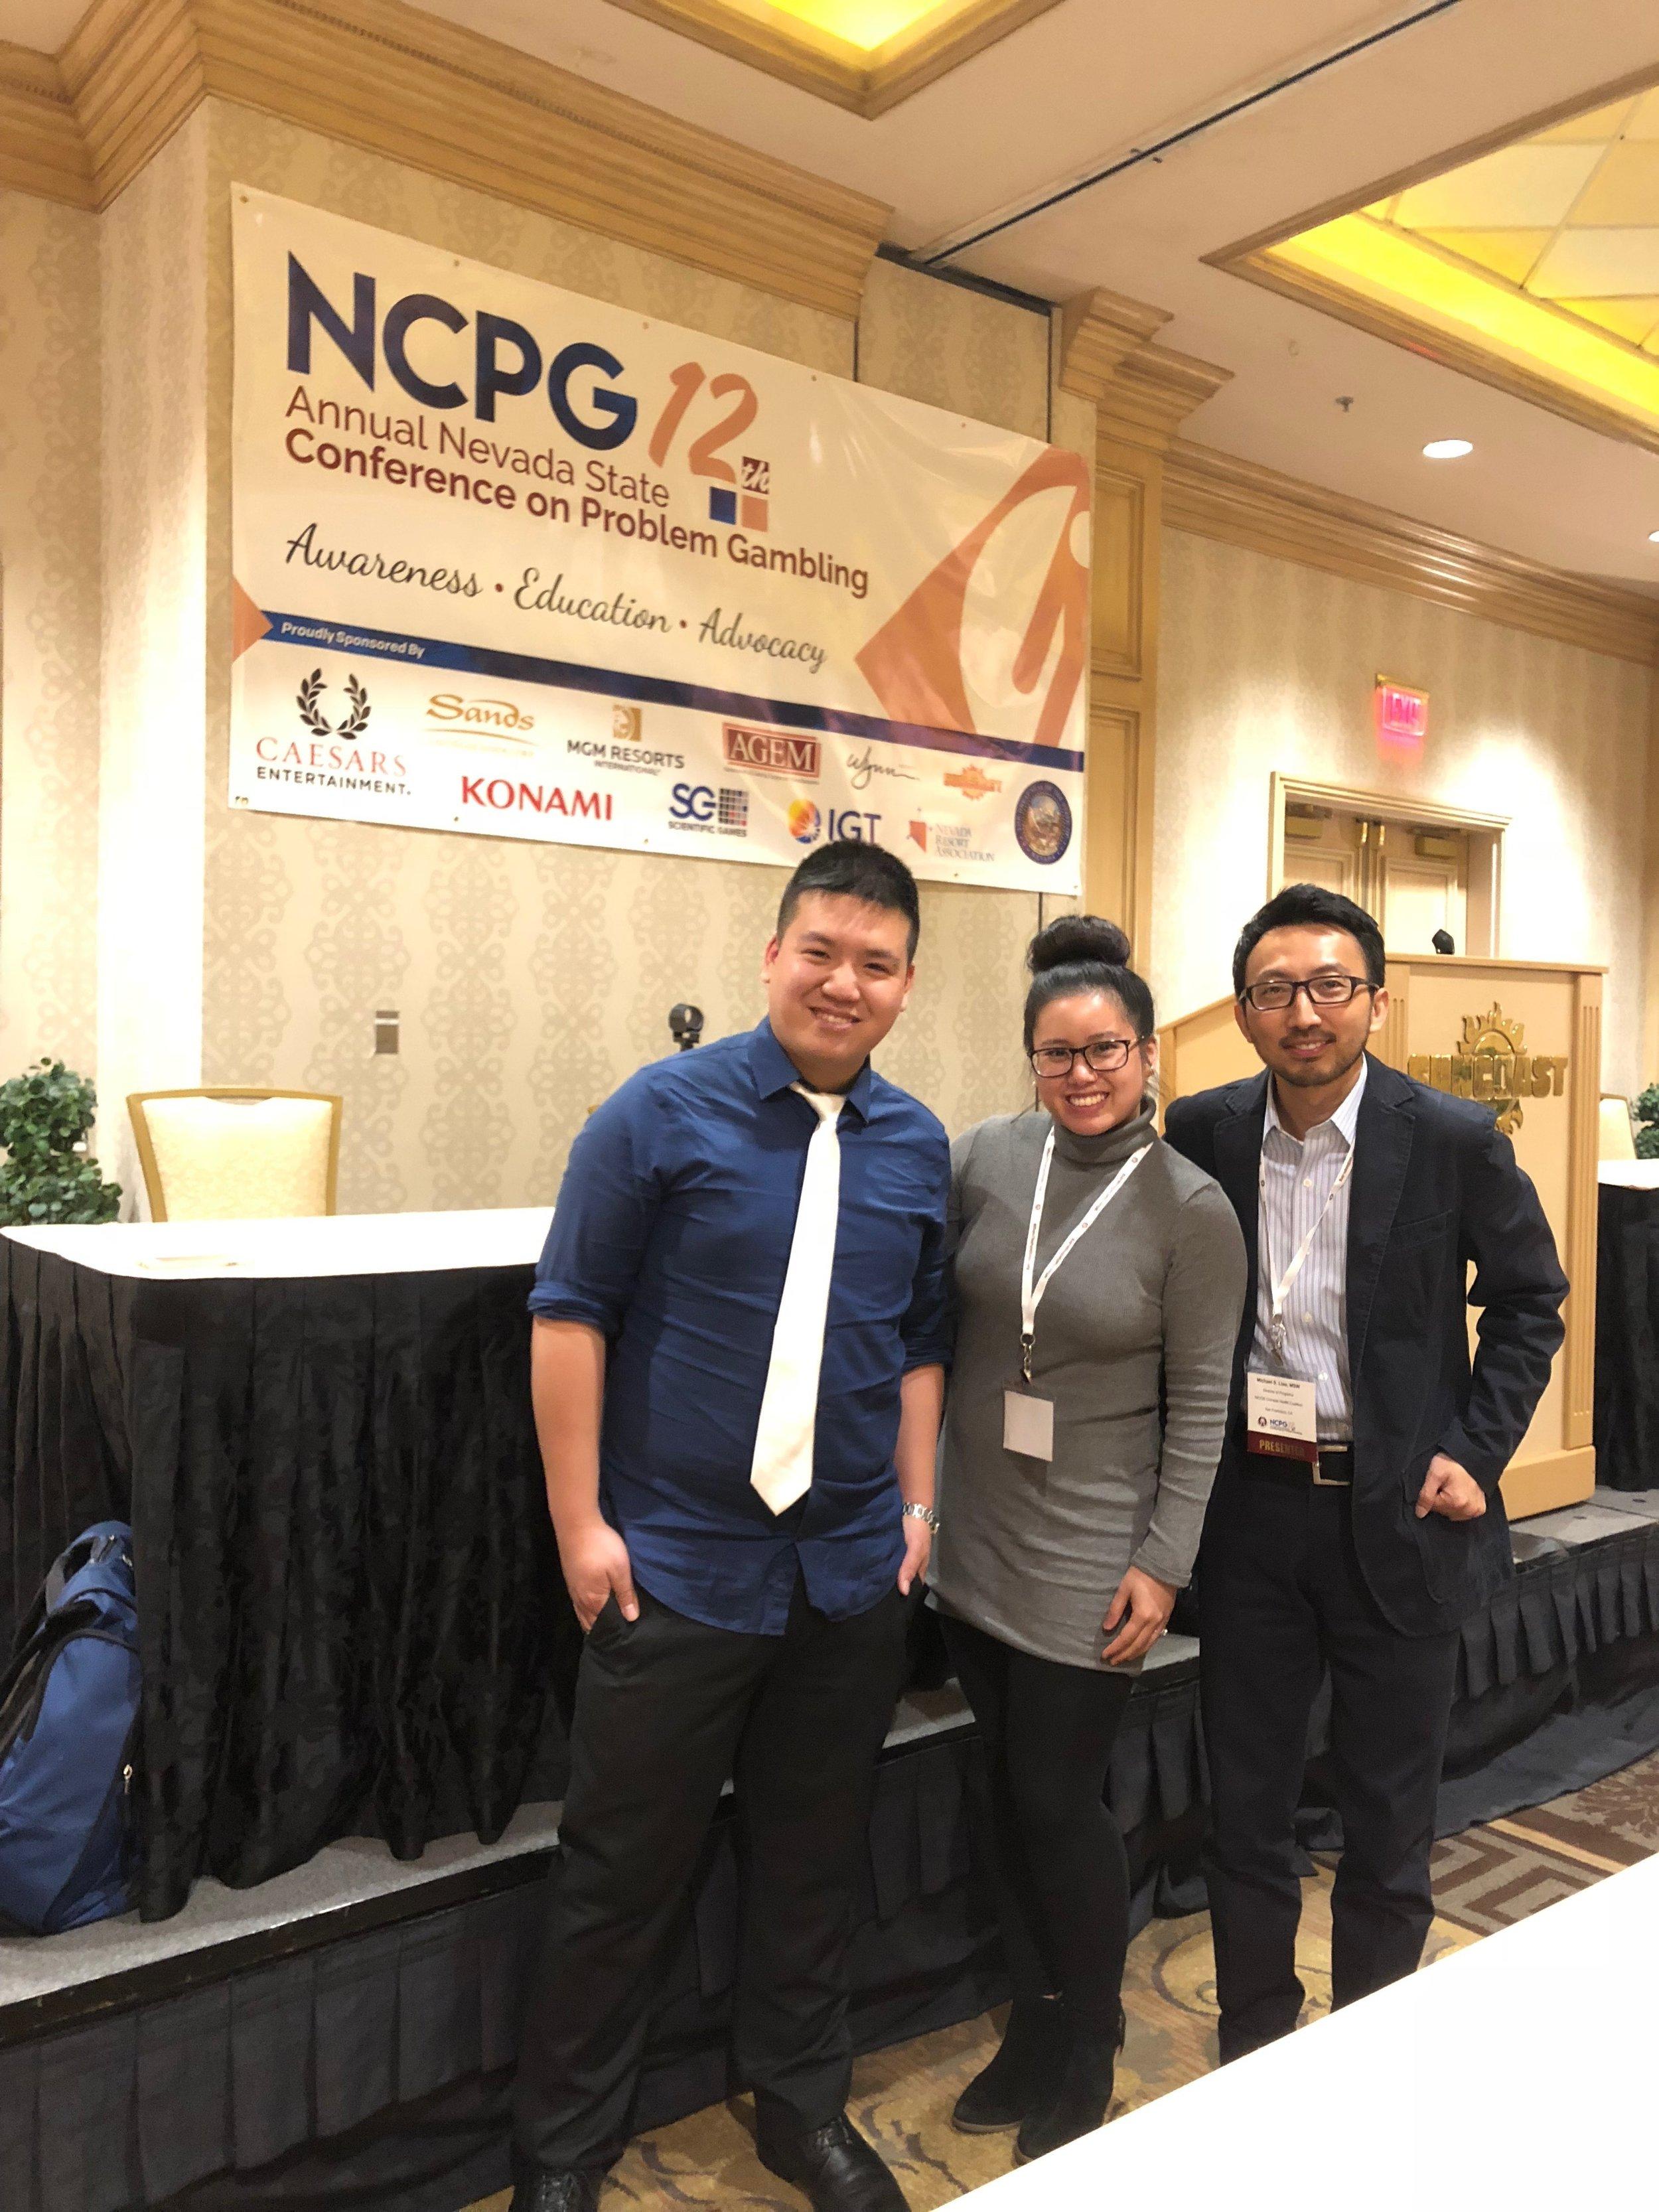 NCPG2018b.JPG